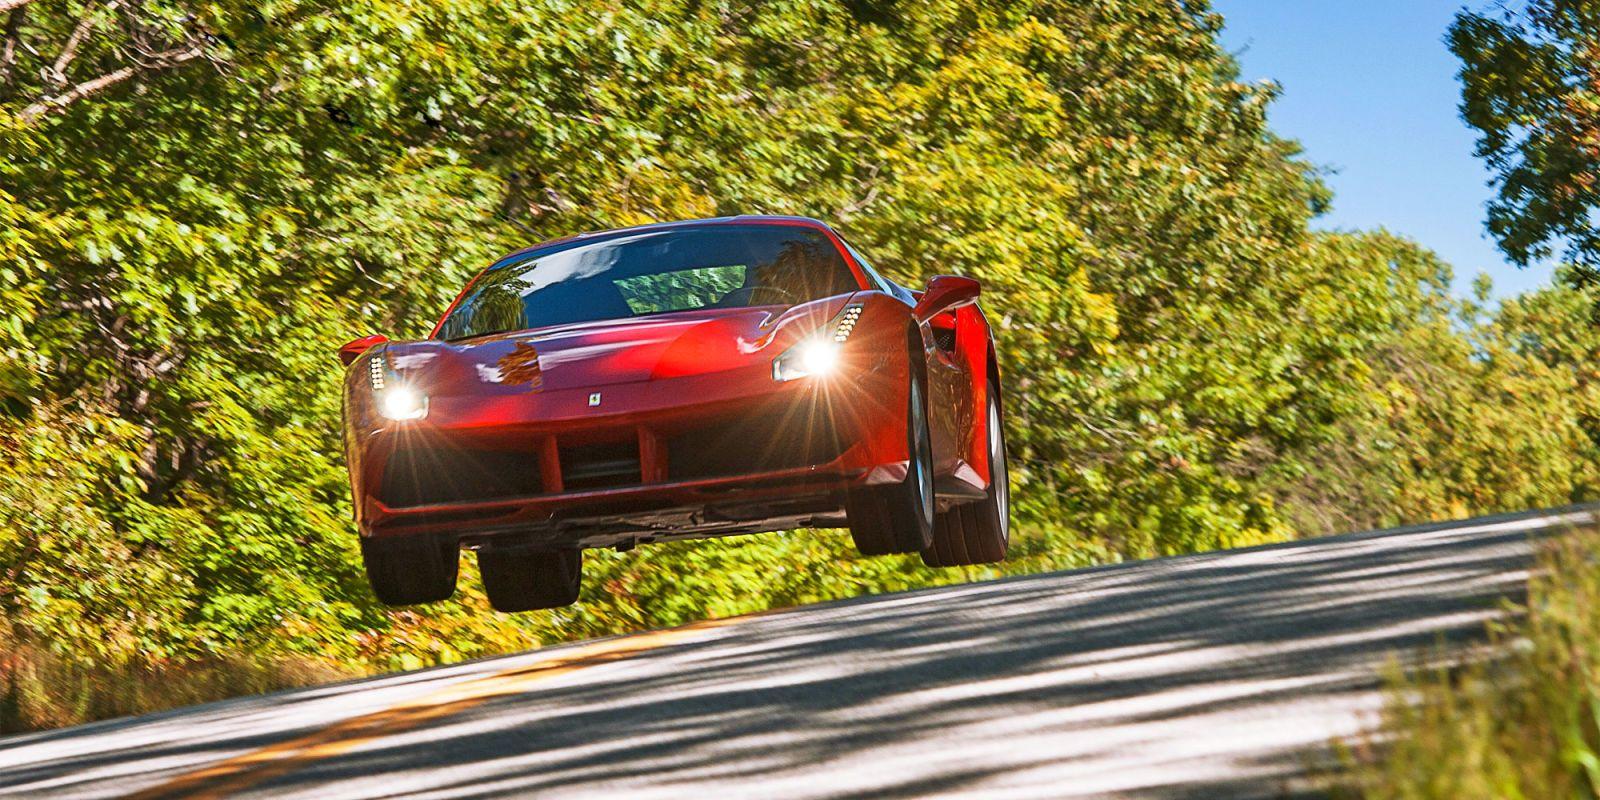 Ferrari 458 1/4 mile